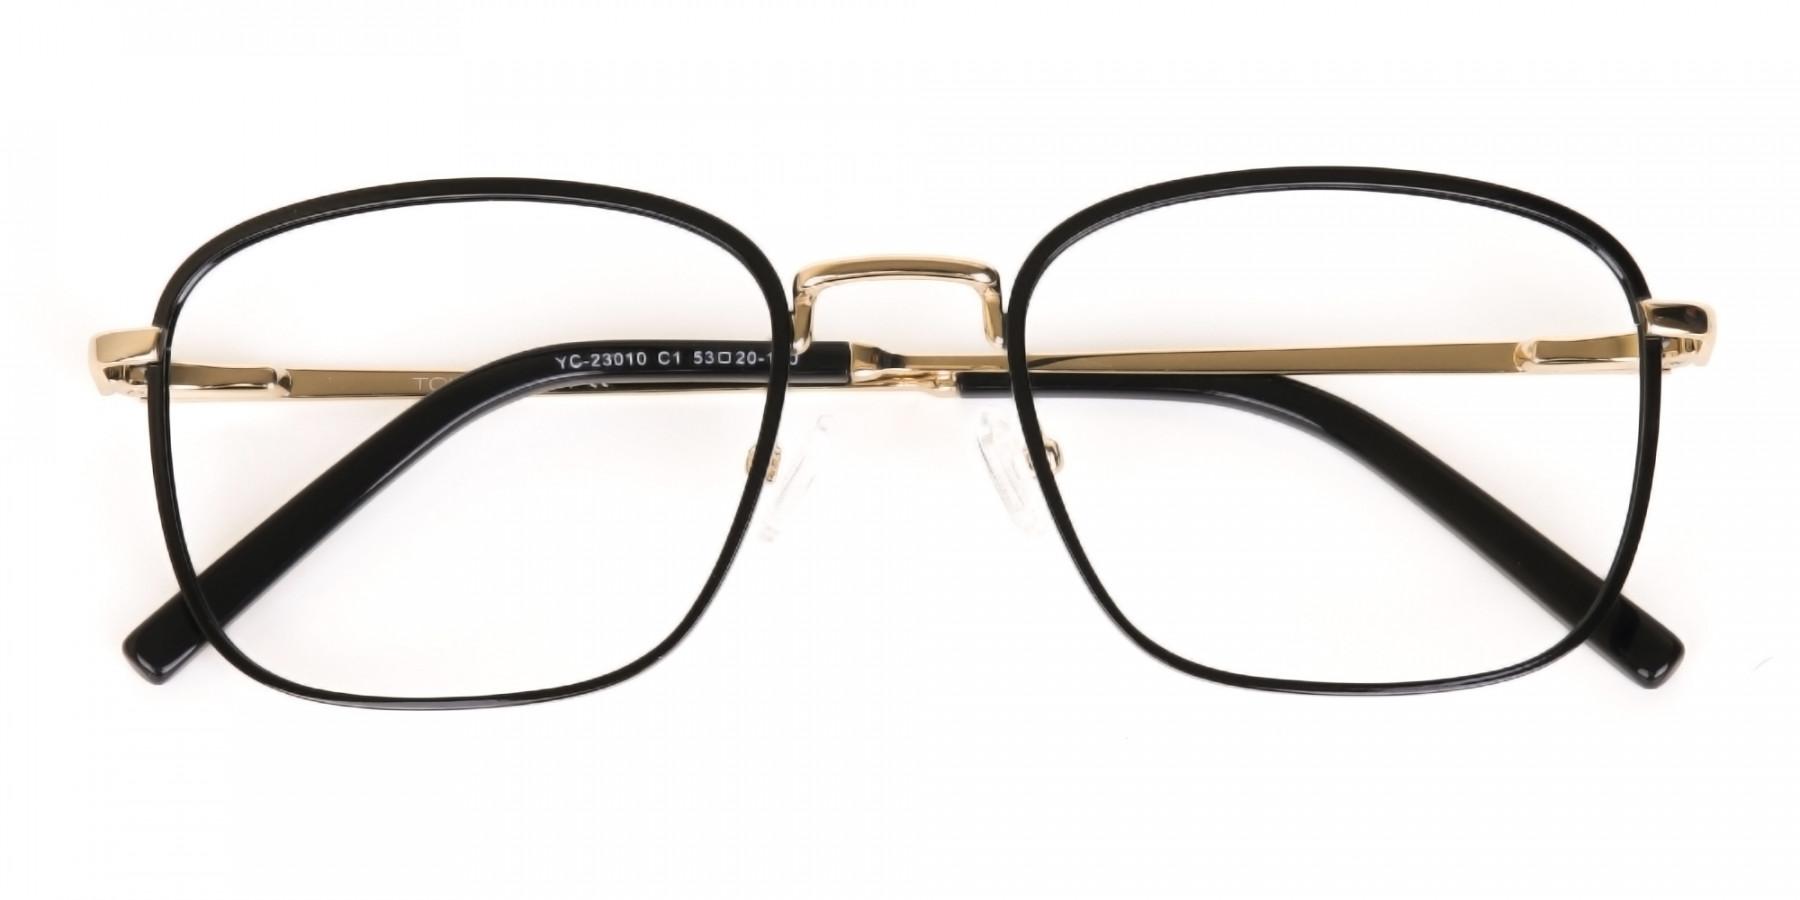 Black Gold Wayfarer Metal Glasses Frame Unisex-1